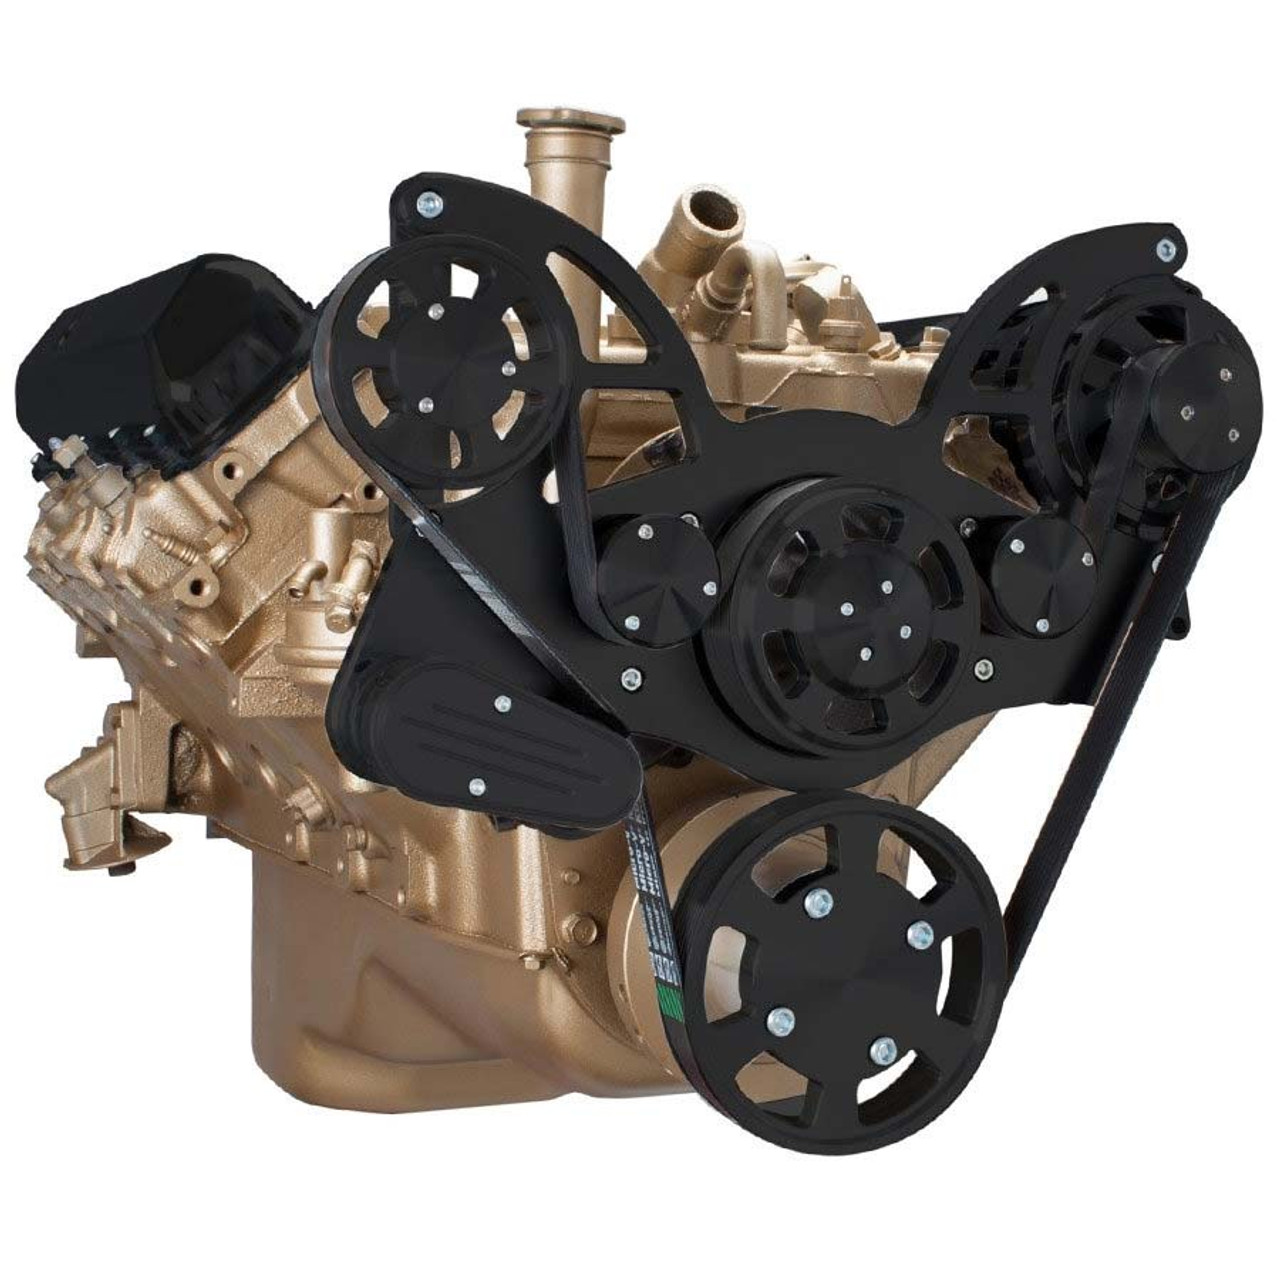 Stealth Black Serpentine System For Oldsmobile 350 455 Alternator Only All Inclusive Rocket Engine Diagram